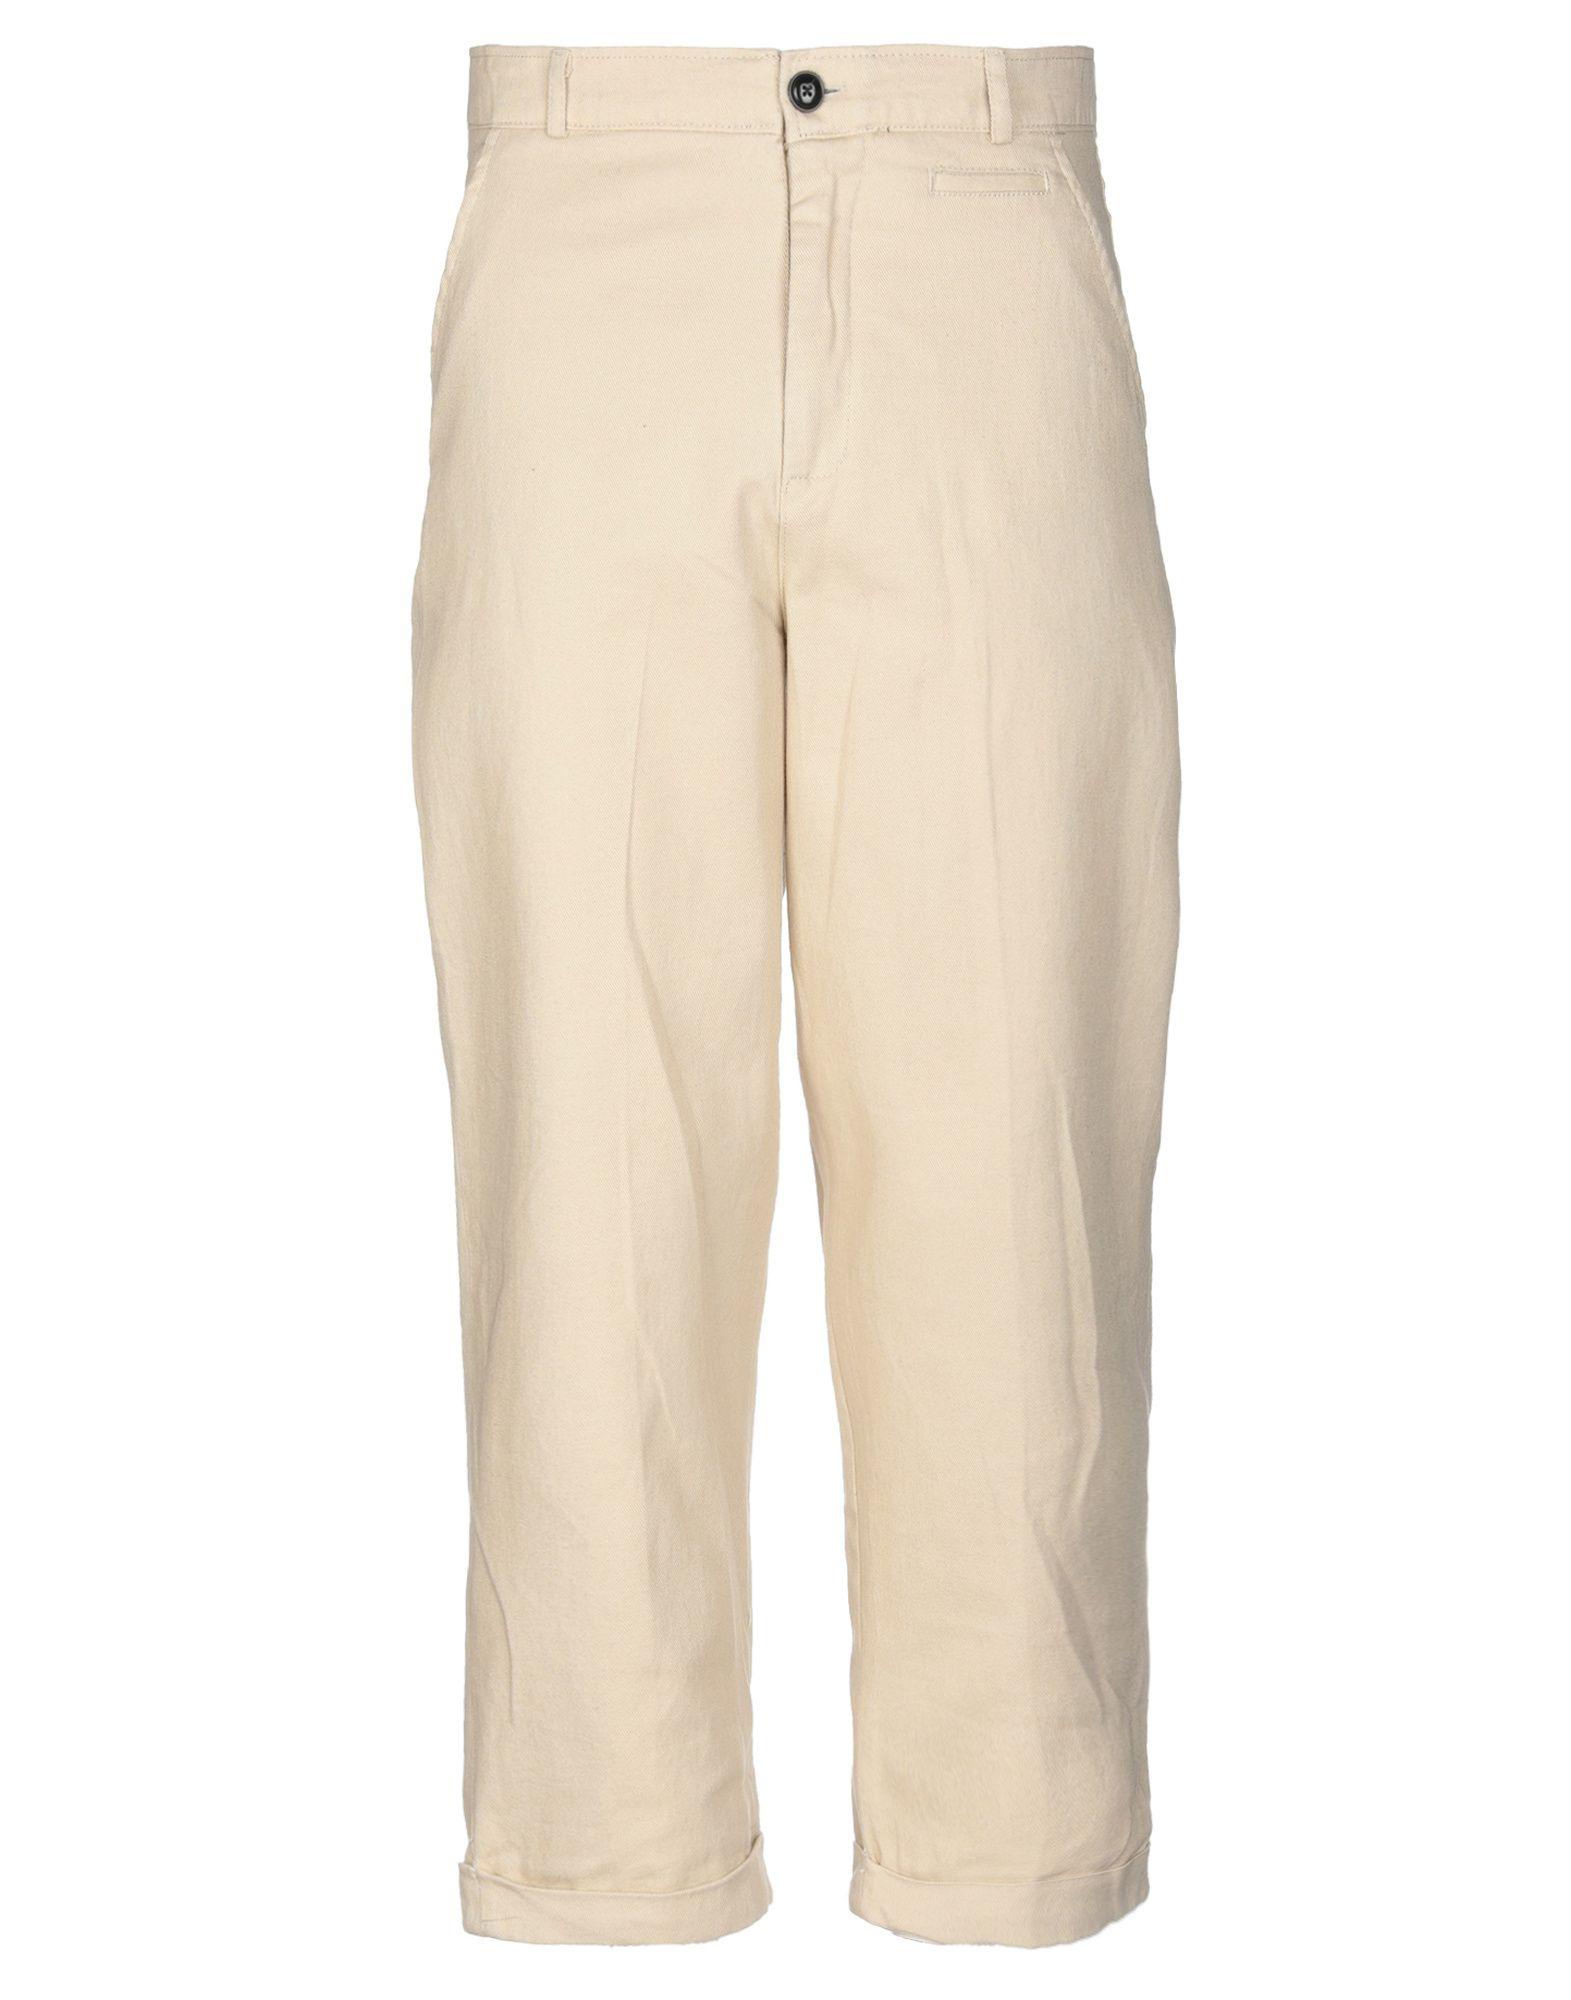 《送料無料》SUIT メンズ パンツ ベージュ M コットン 100%